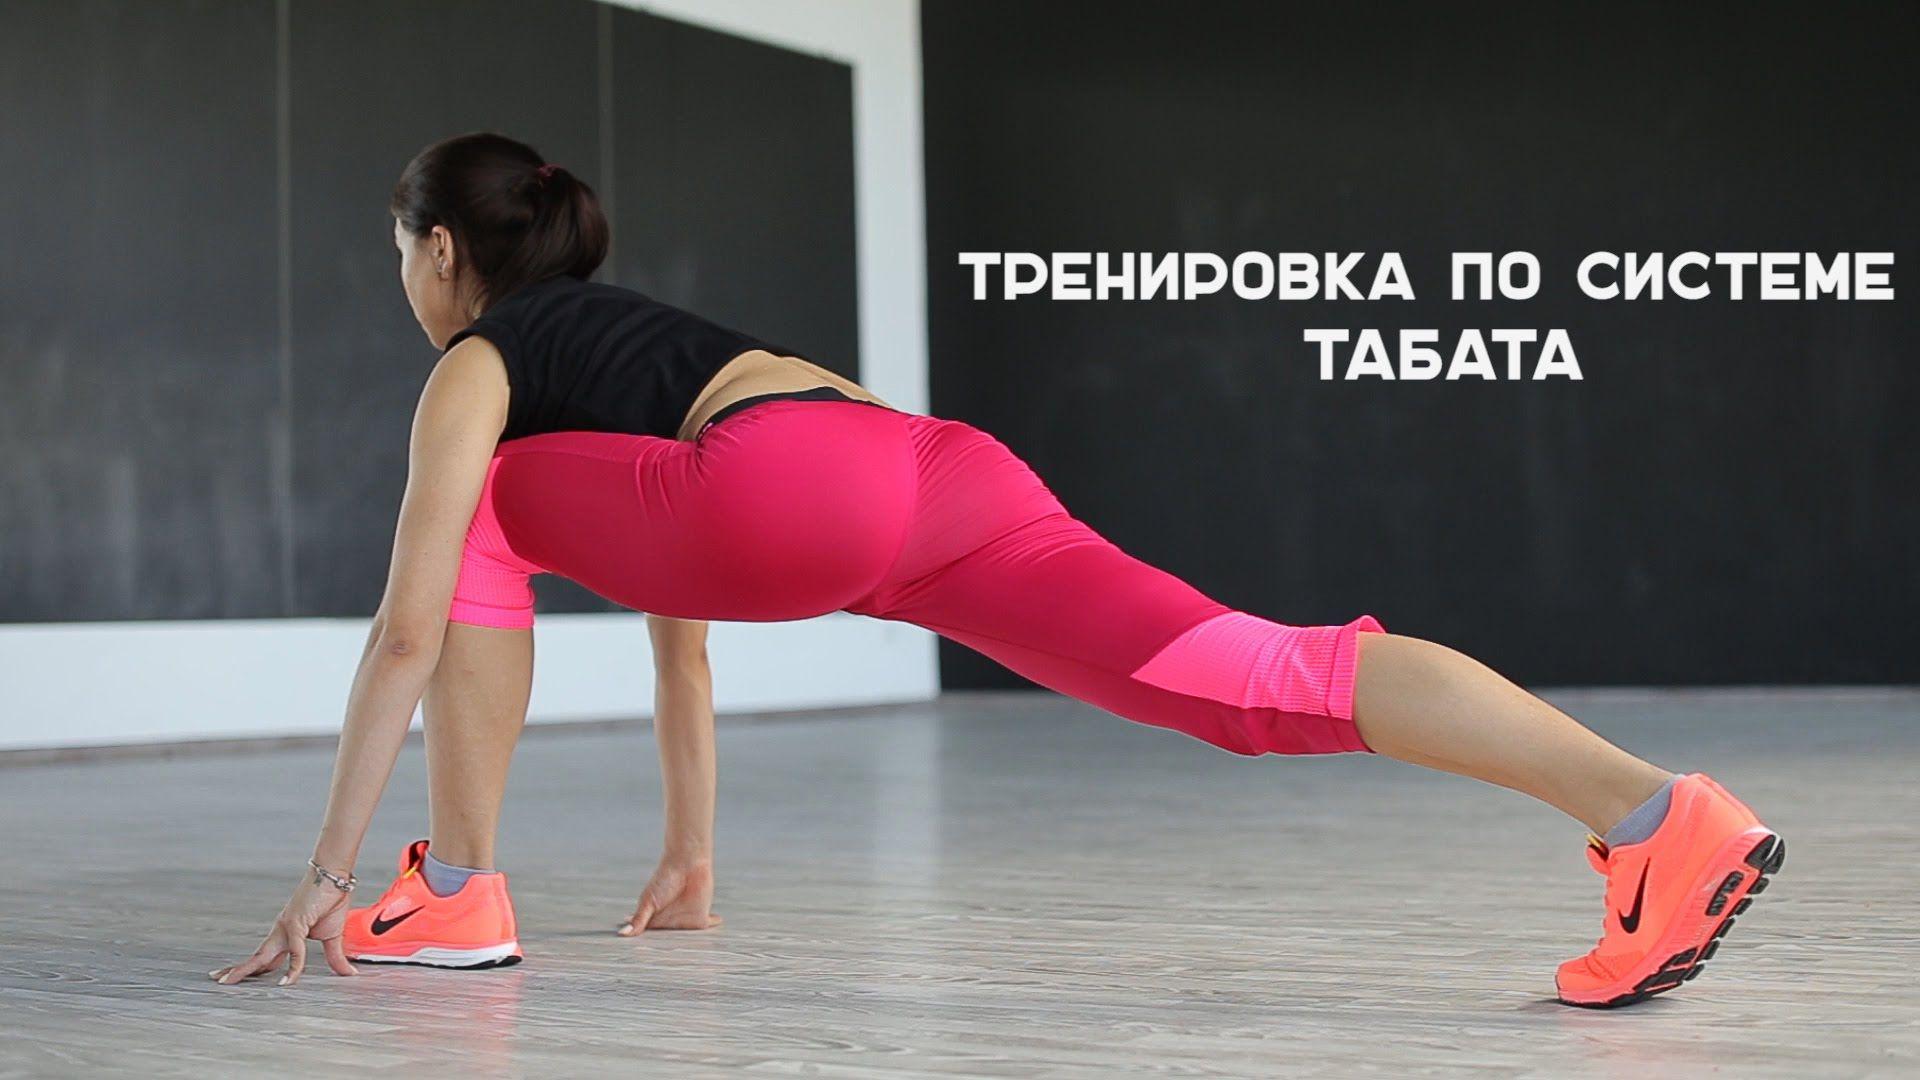 Hiit тренировки - преимущества и недостатки